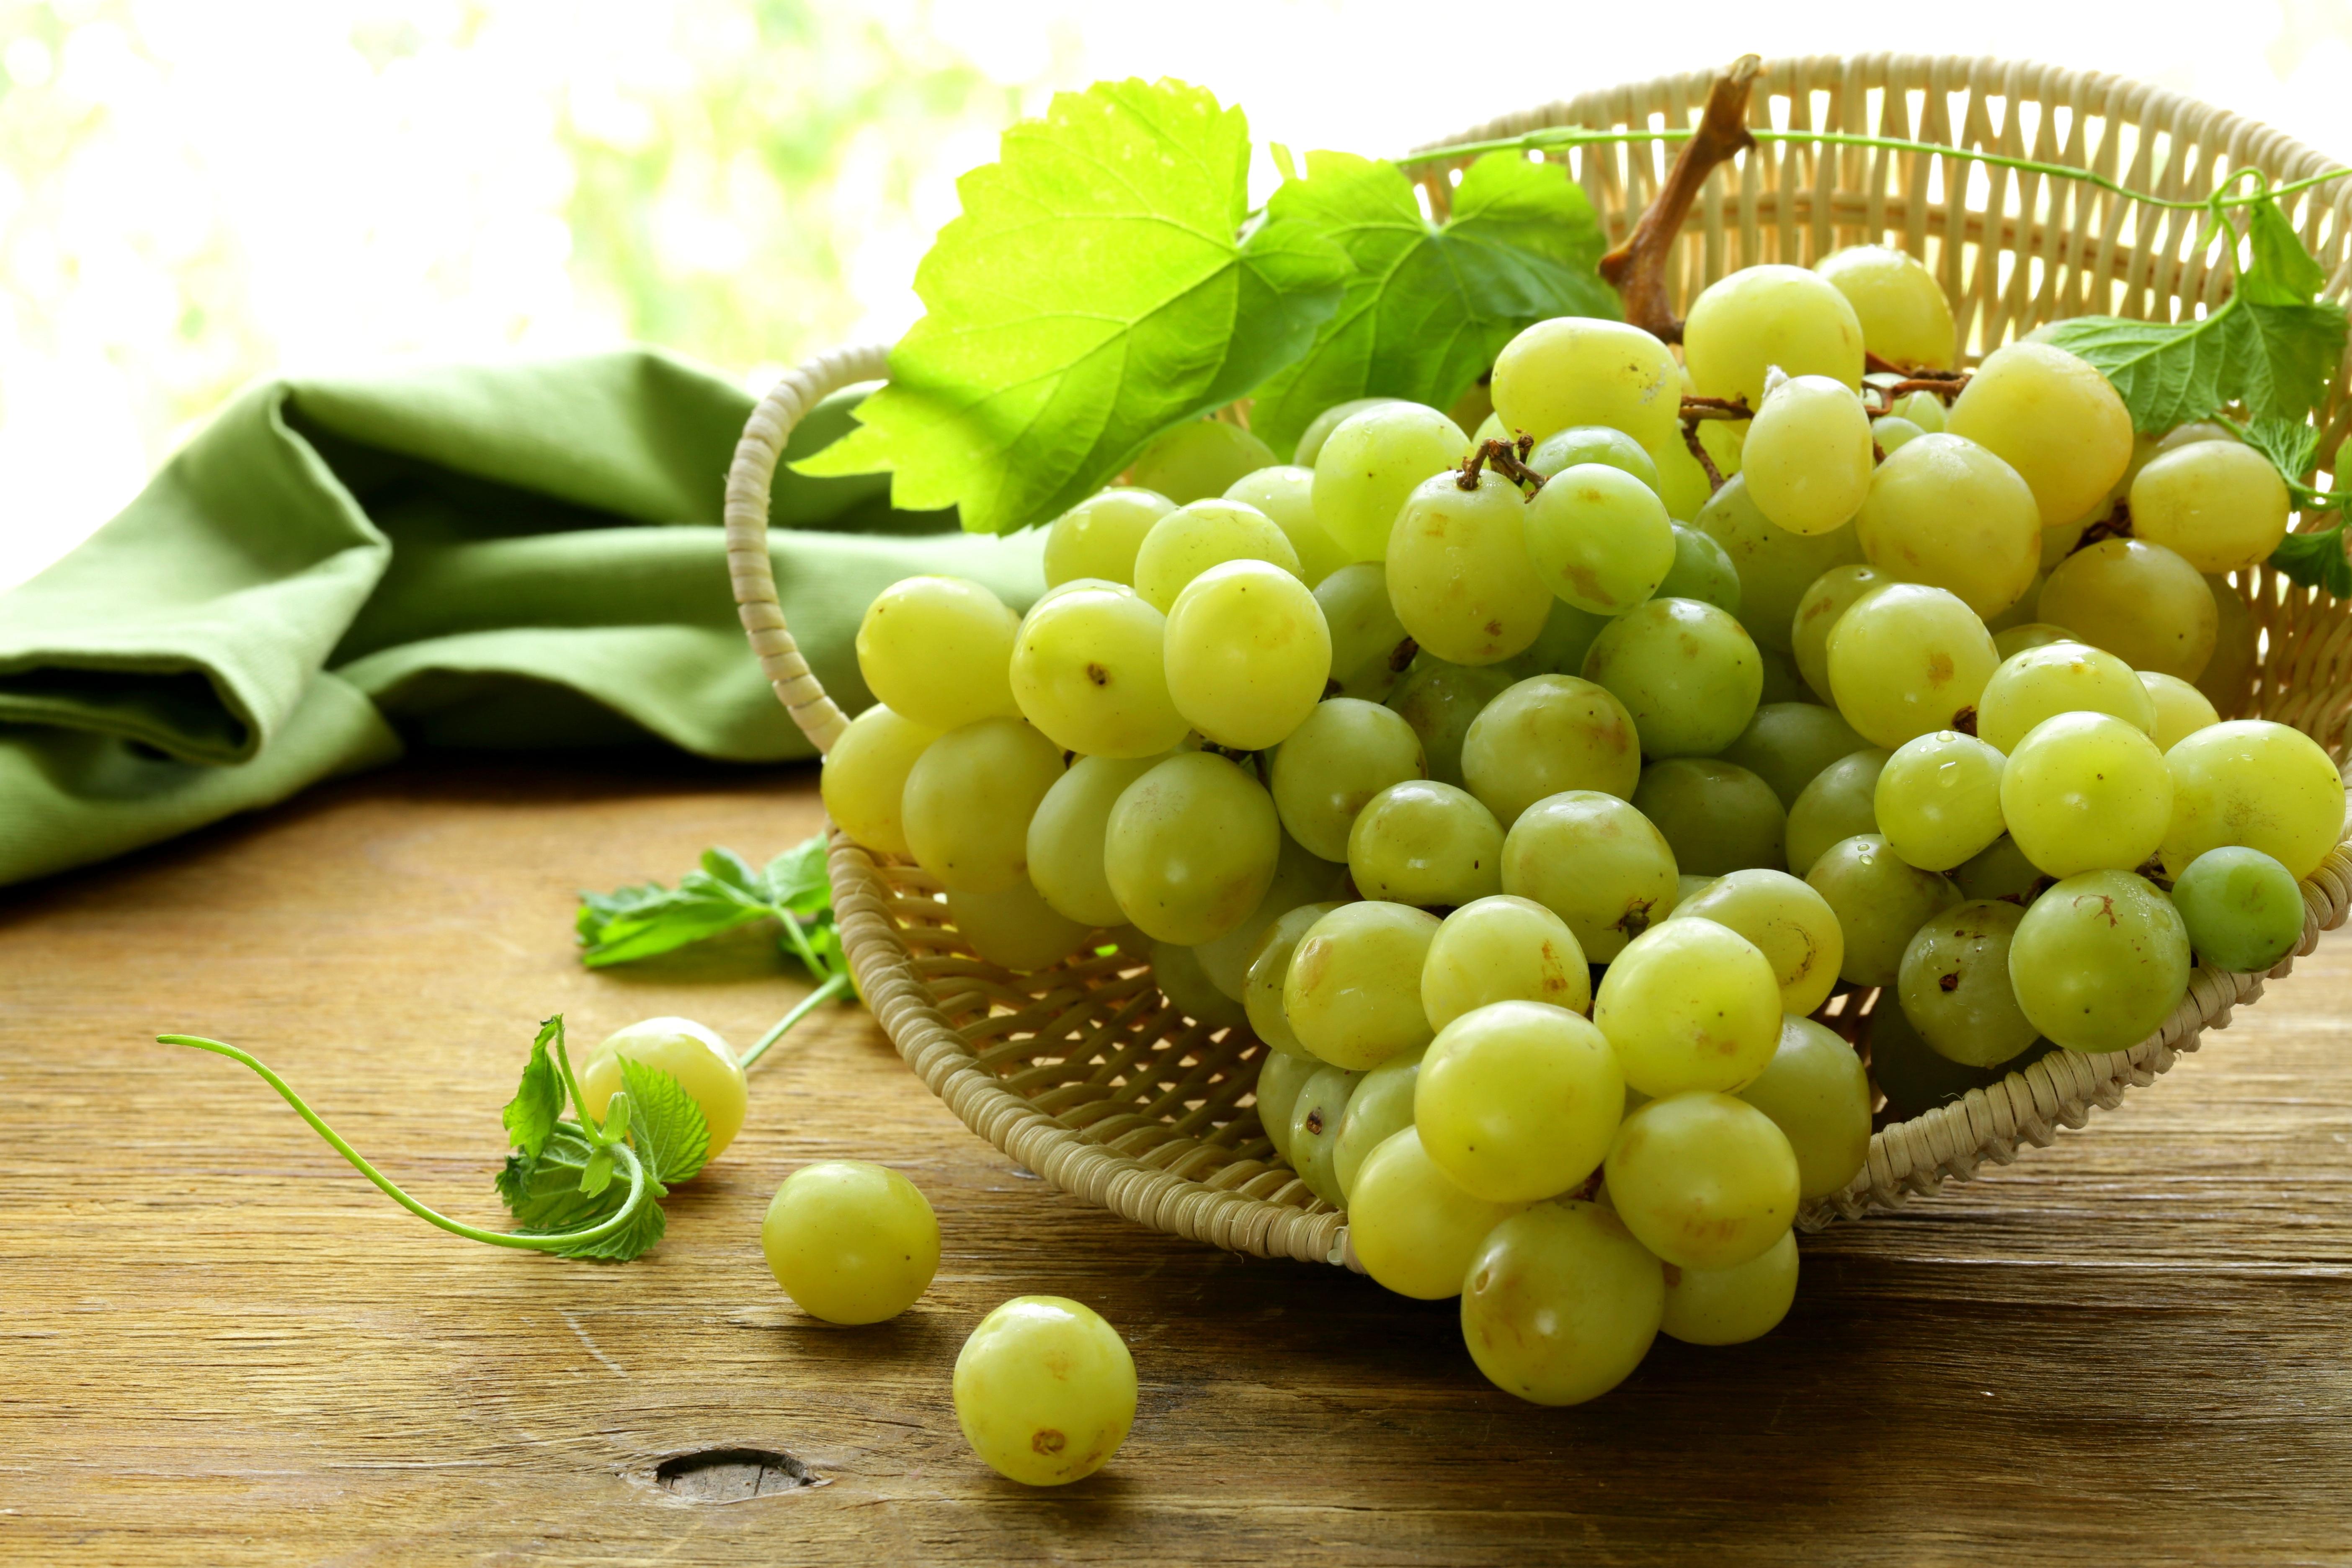 картинки ягод винограда лучшие сборы